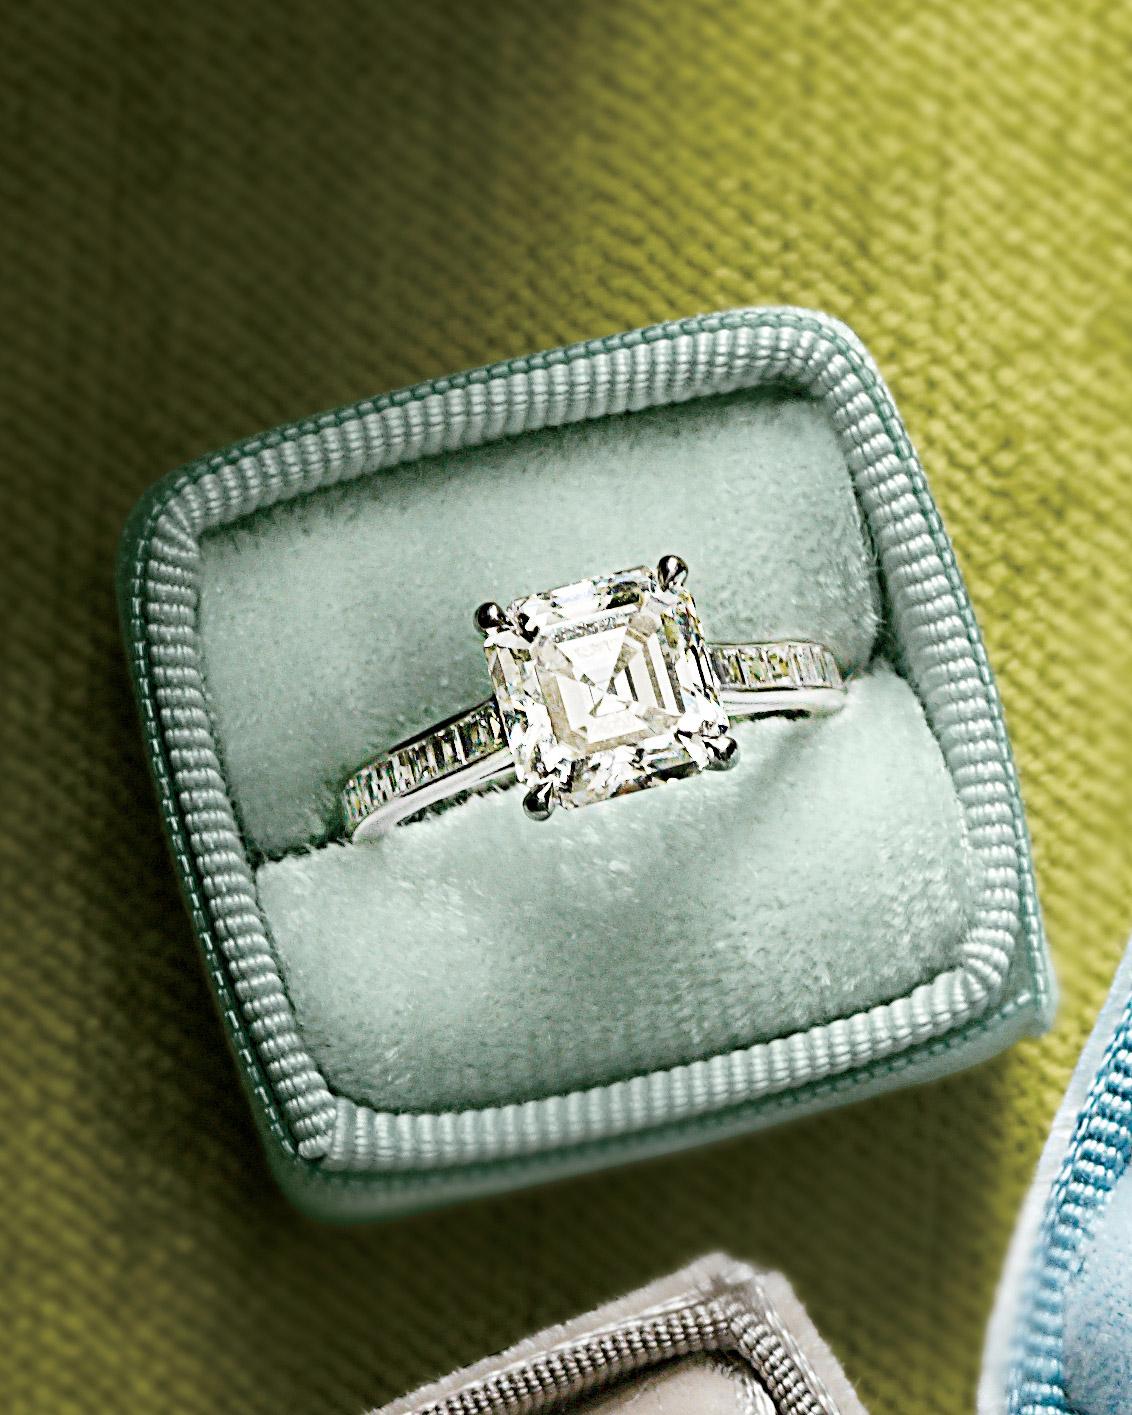 rings-05-mwd107940.jpg